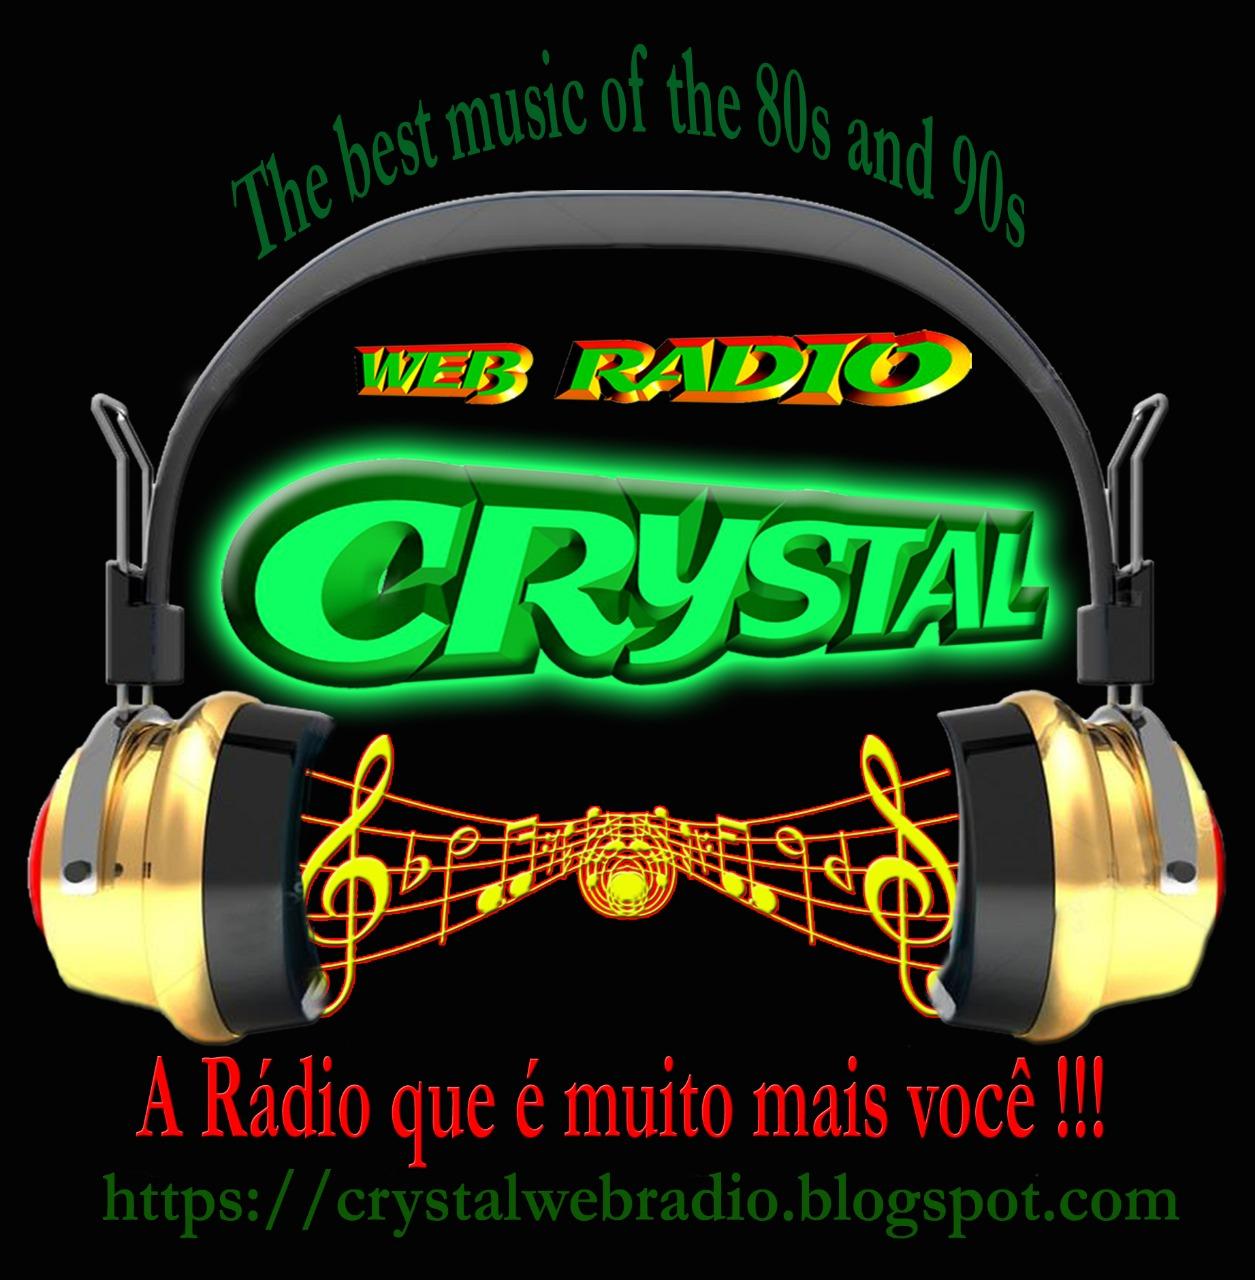 CRYSTAL WEB RADIO